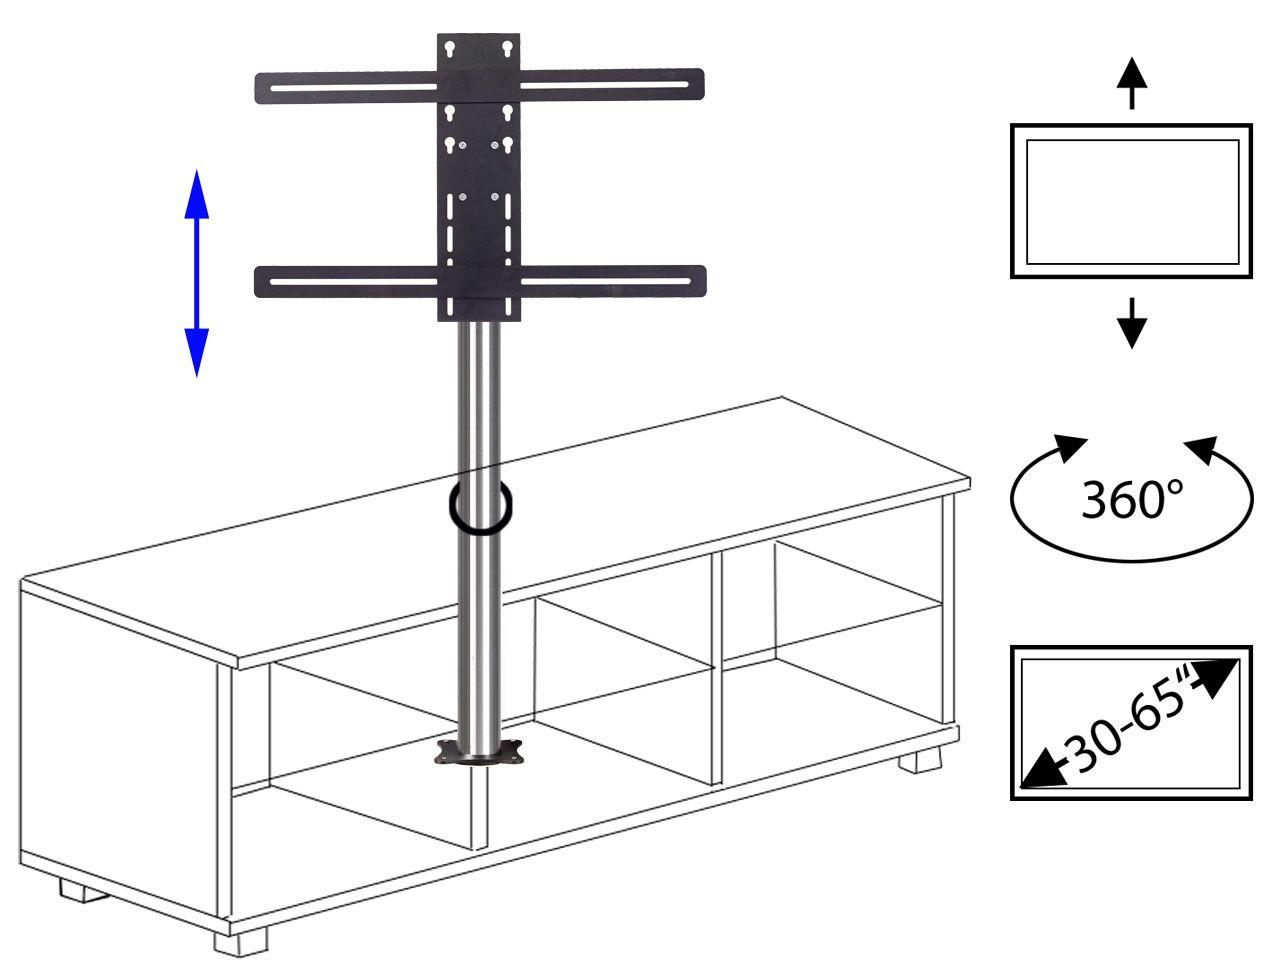 Unsere neue s ule zum nachtr glichen einbau einer - Tv halterung selber bauen ...